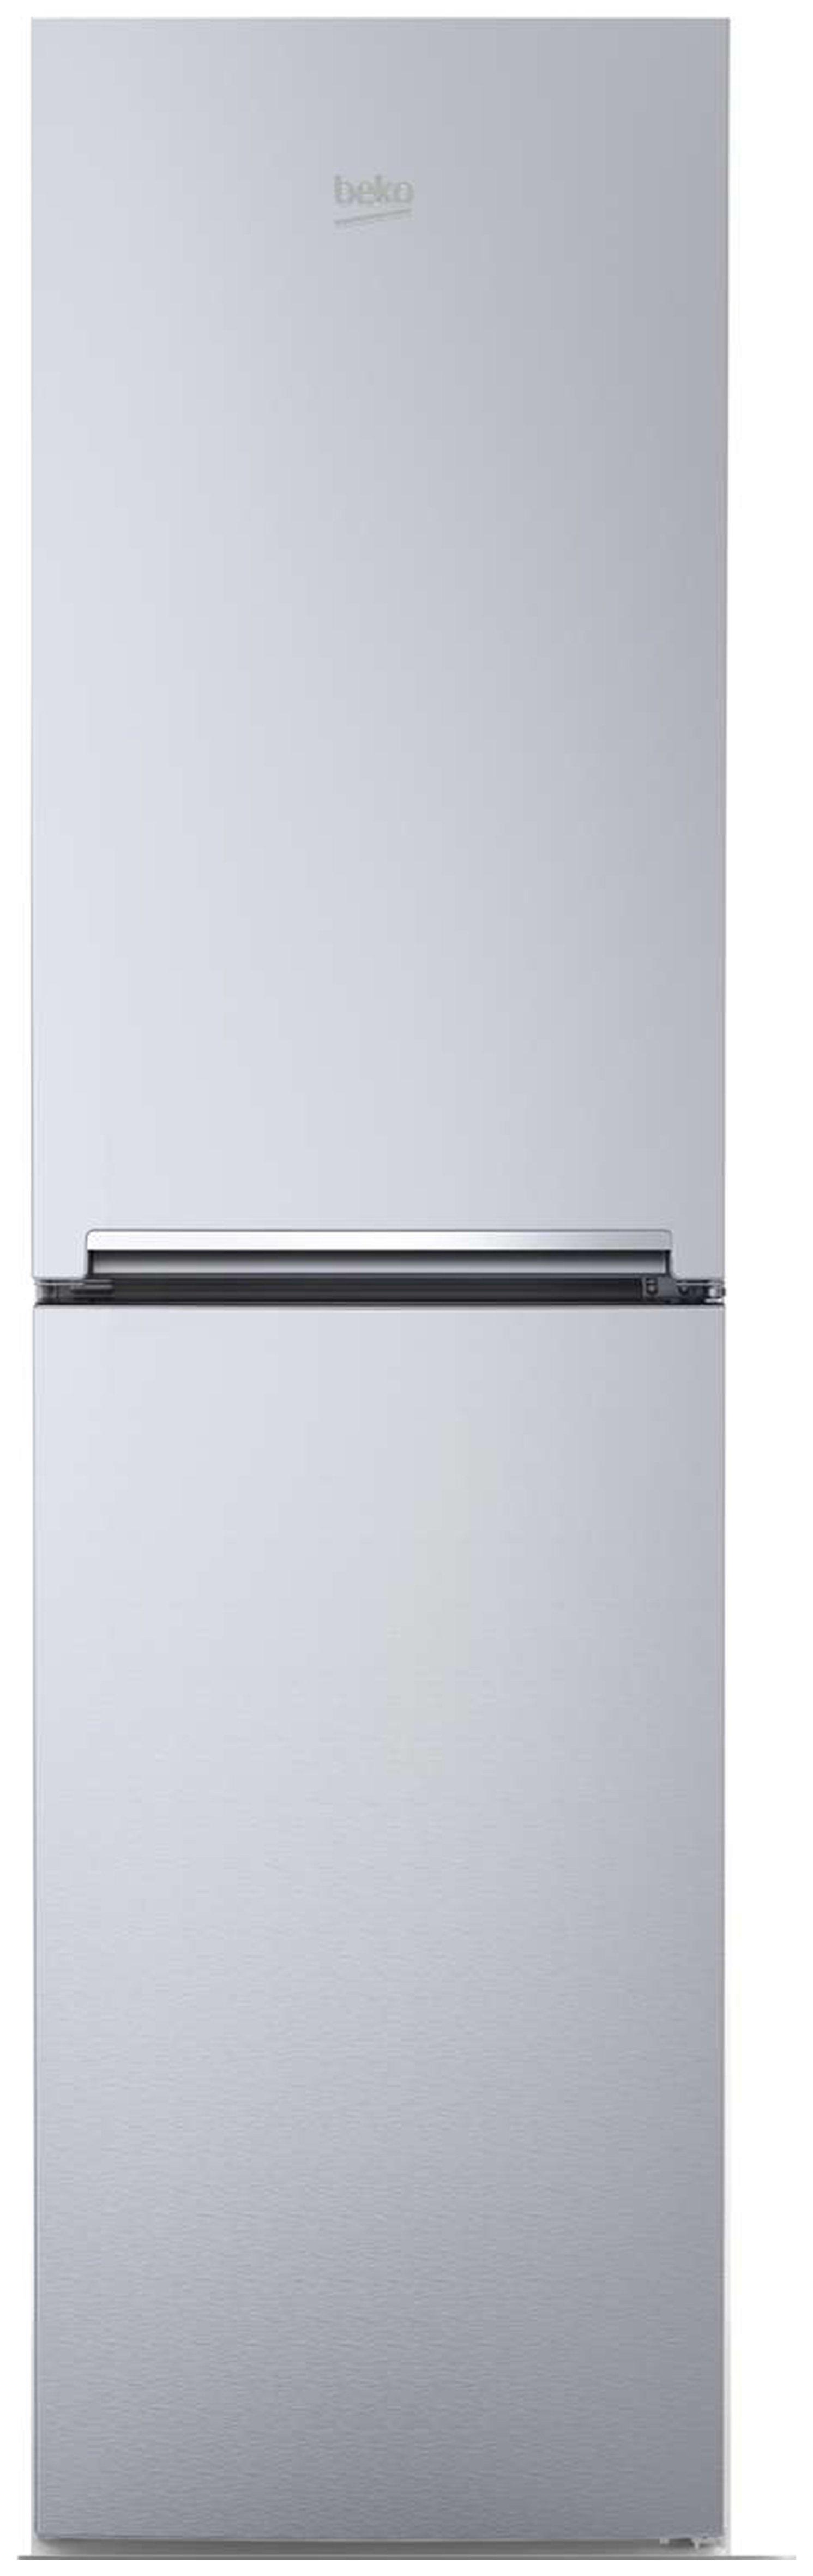 Beko CFG1582S Fridge Freezer